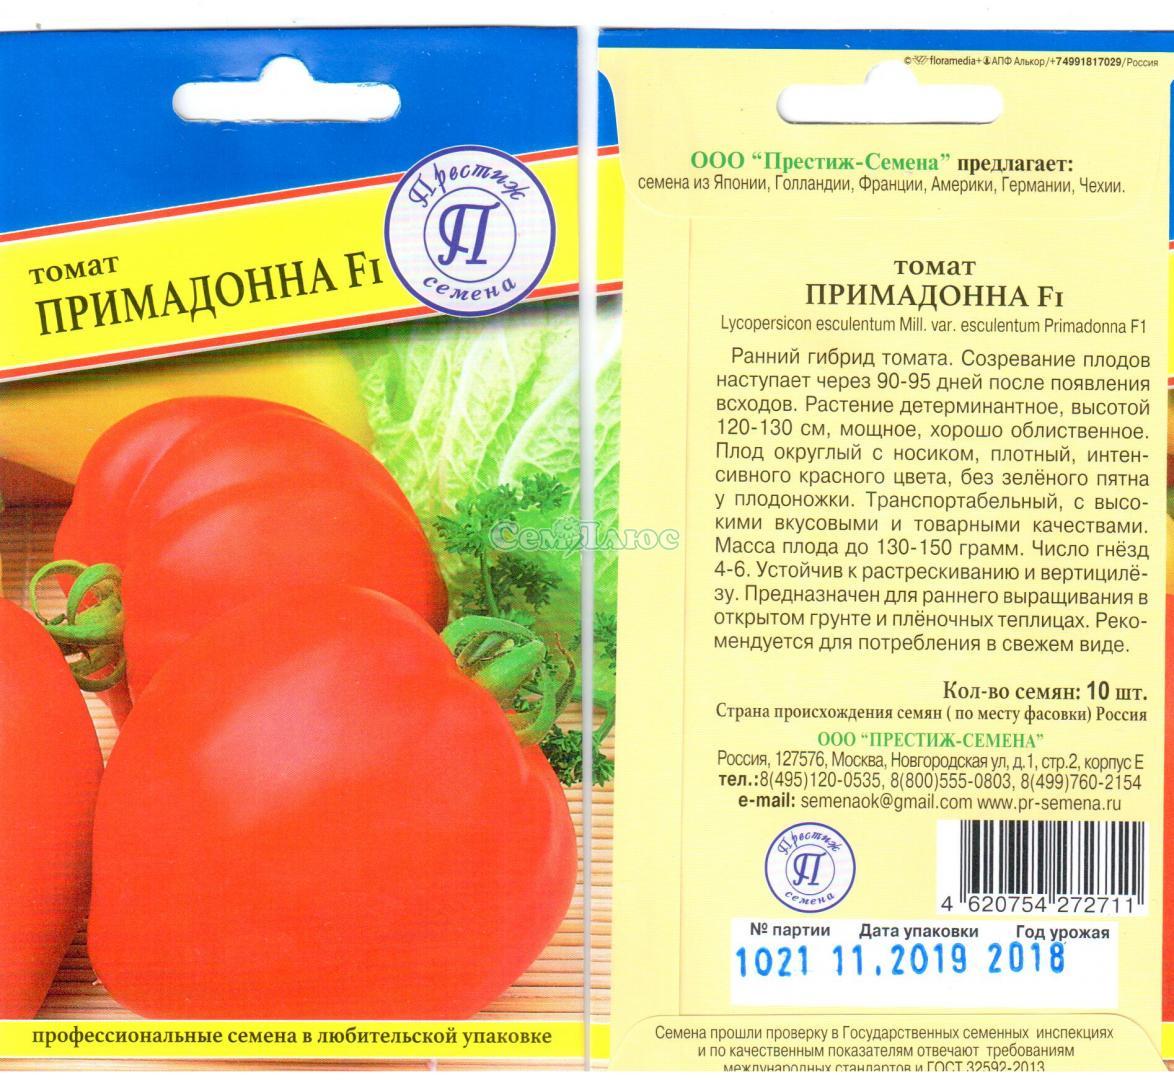 """Томат """"катя"""" f1: характеристики и высота куста, описание урожайности сорта, фото-материалы, советы по выращиванию помидор русский фермер"""